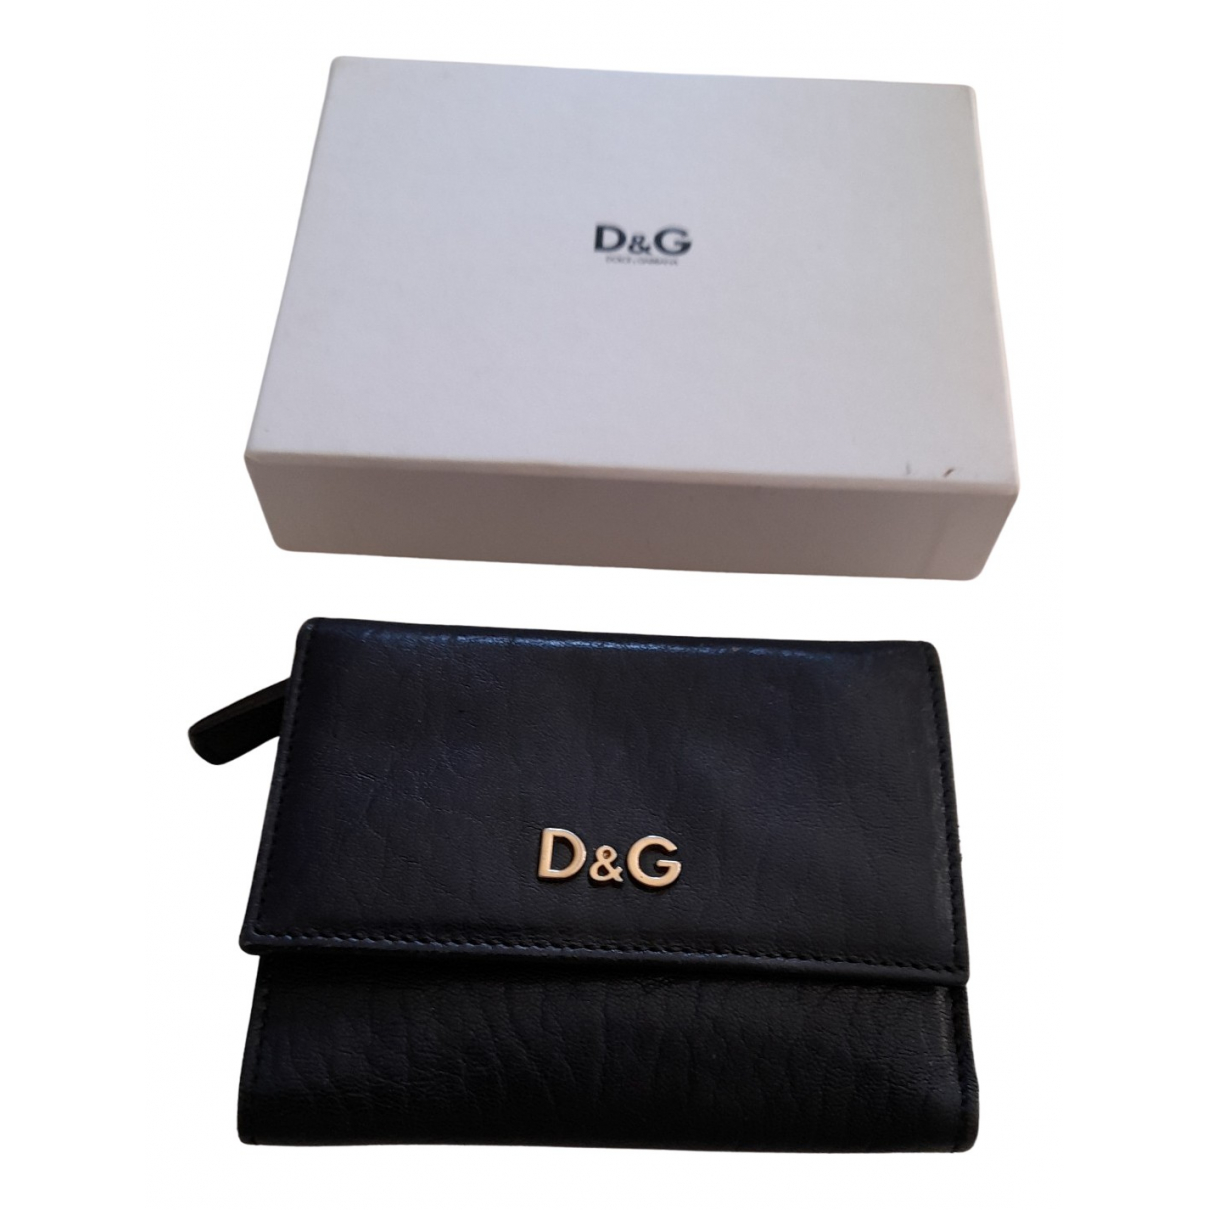 D&g - Portefeuille   pour femme en cuir - bleu